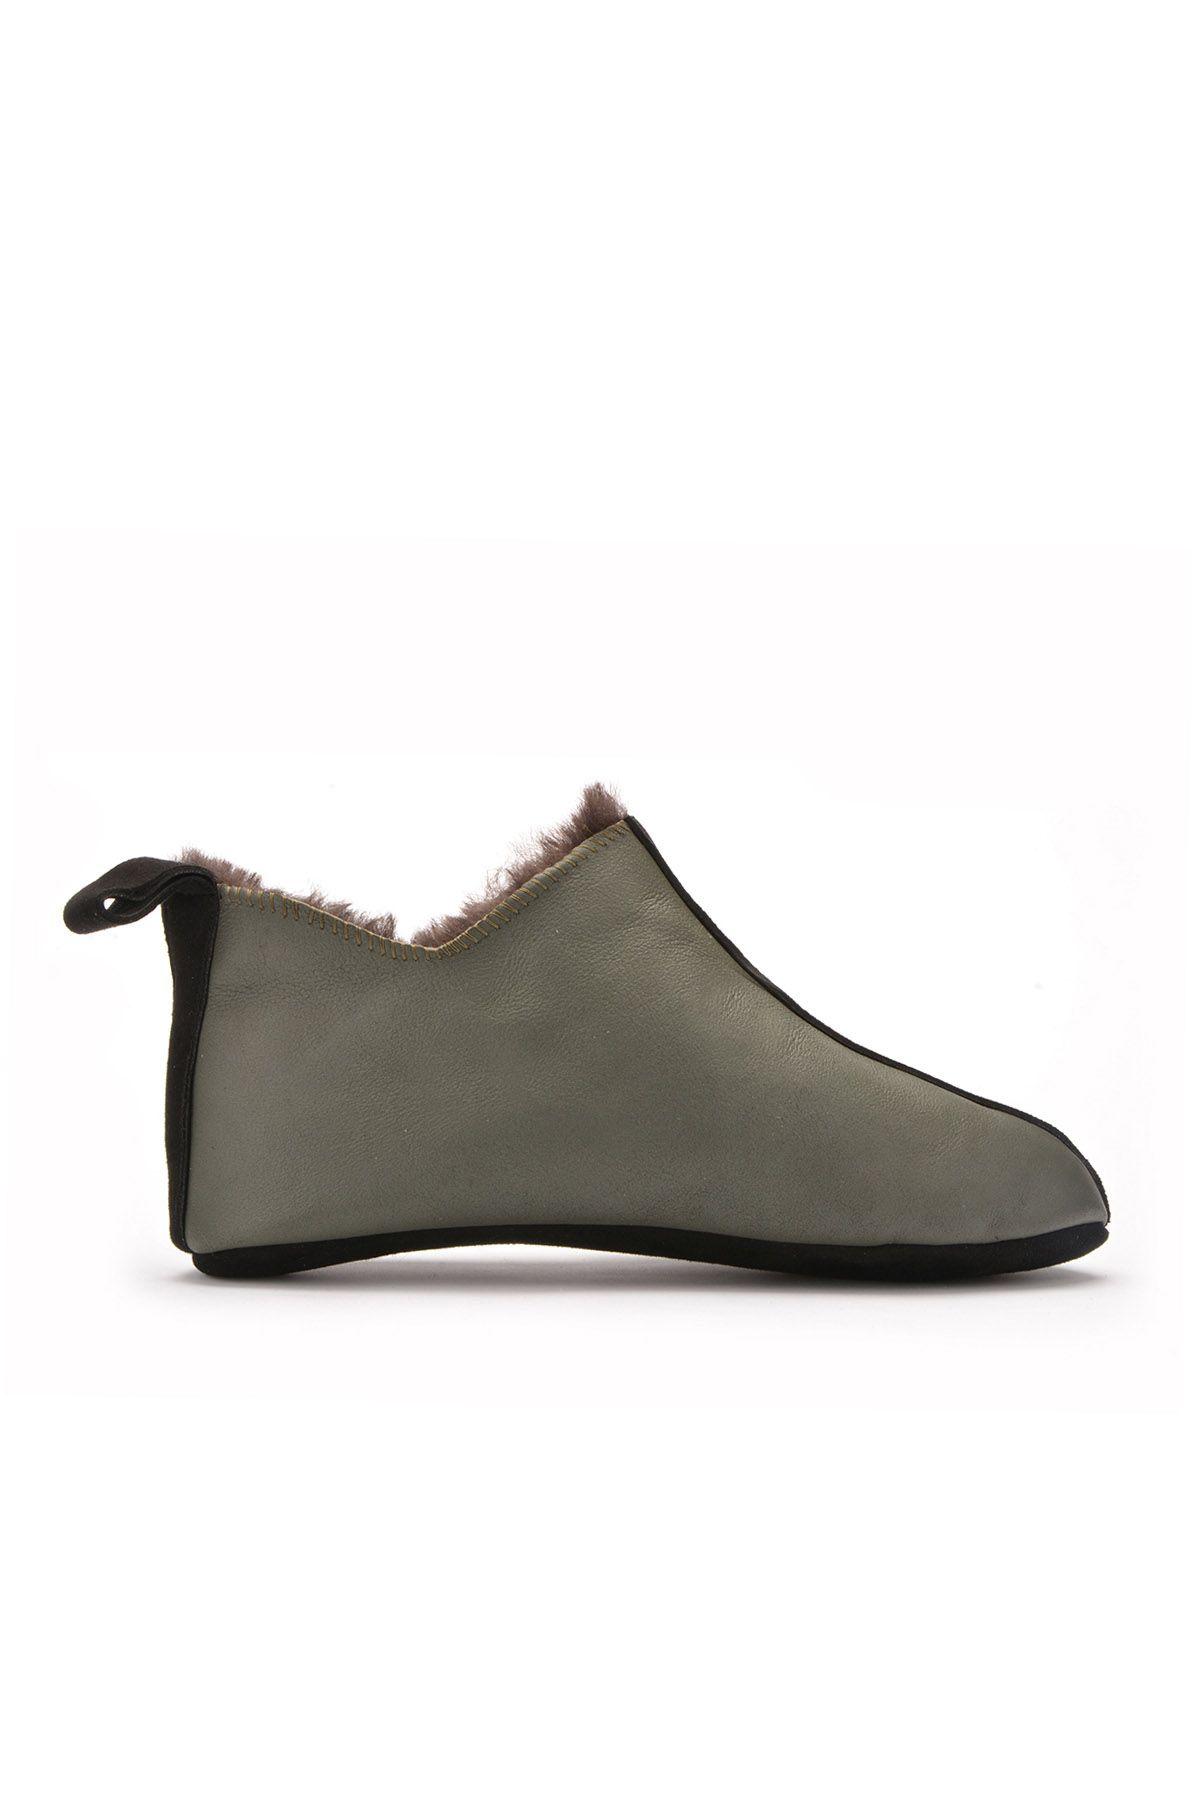 Pegia Hakiki Kürk Erkek Ev Ayakkabısı Haki